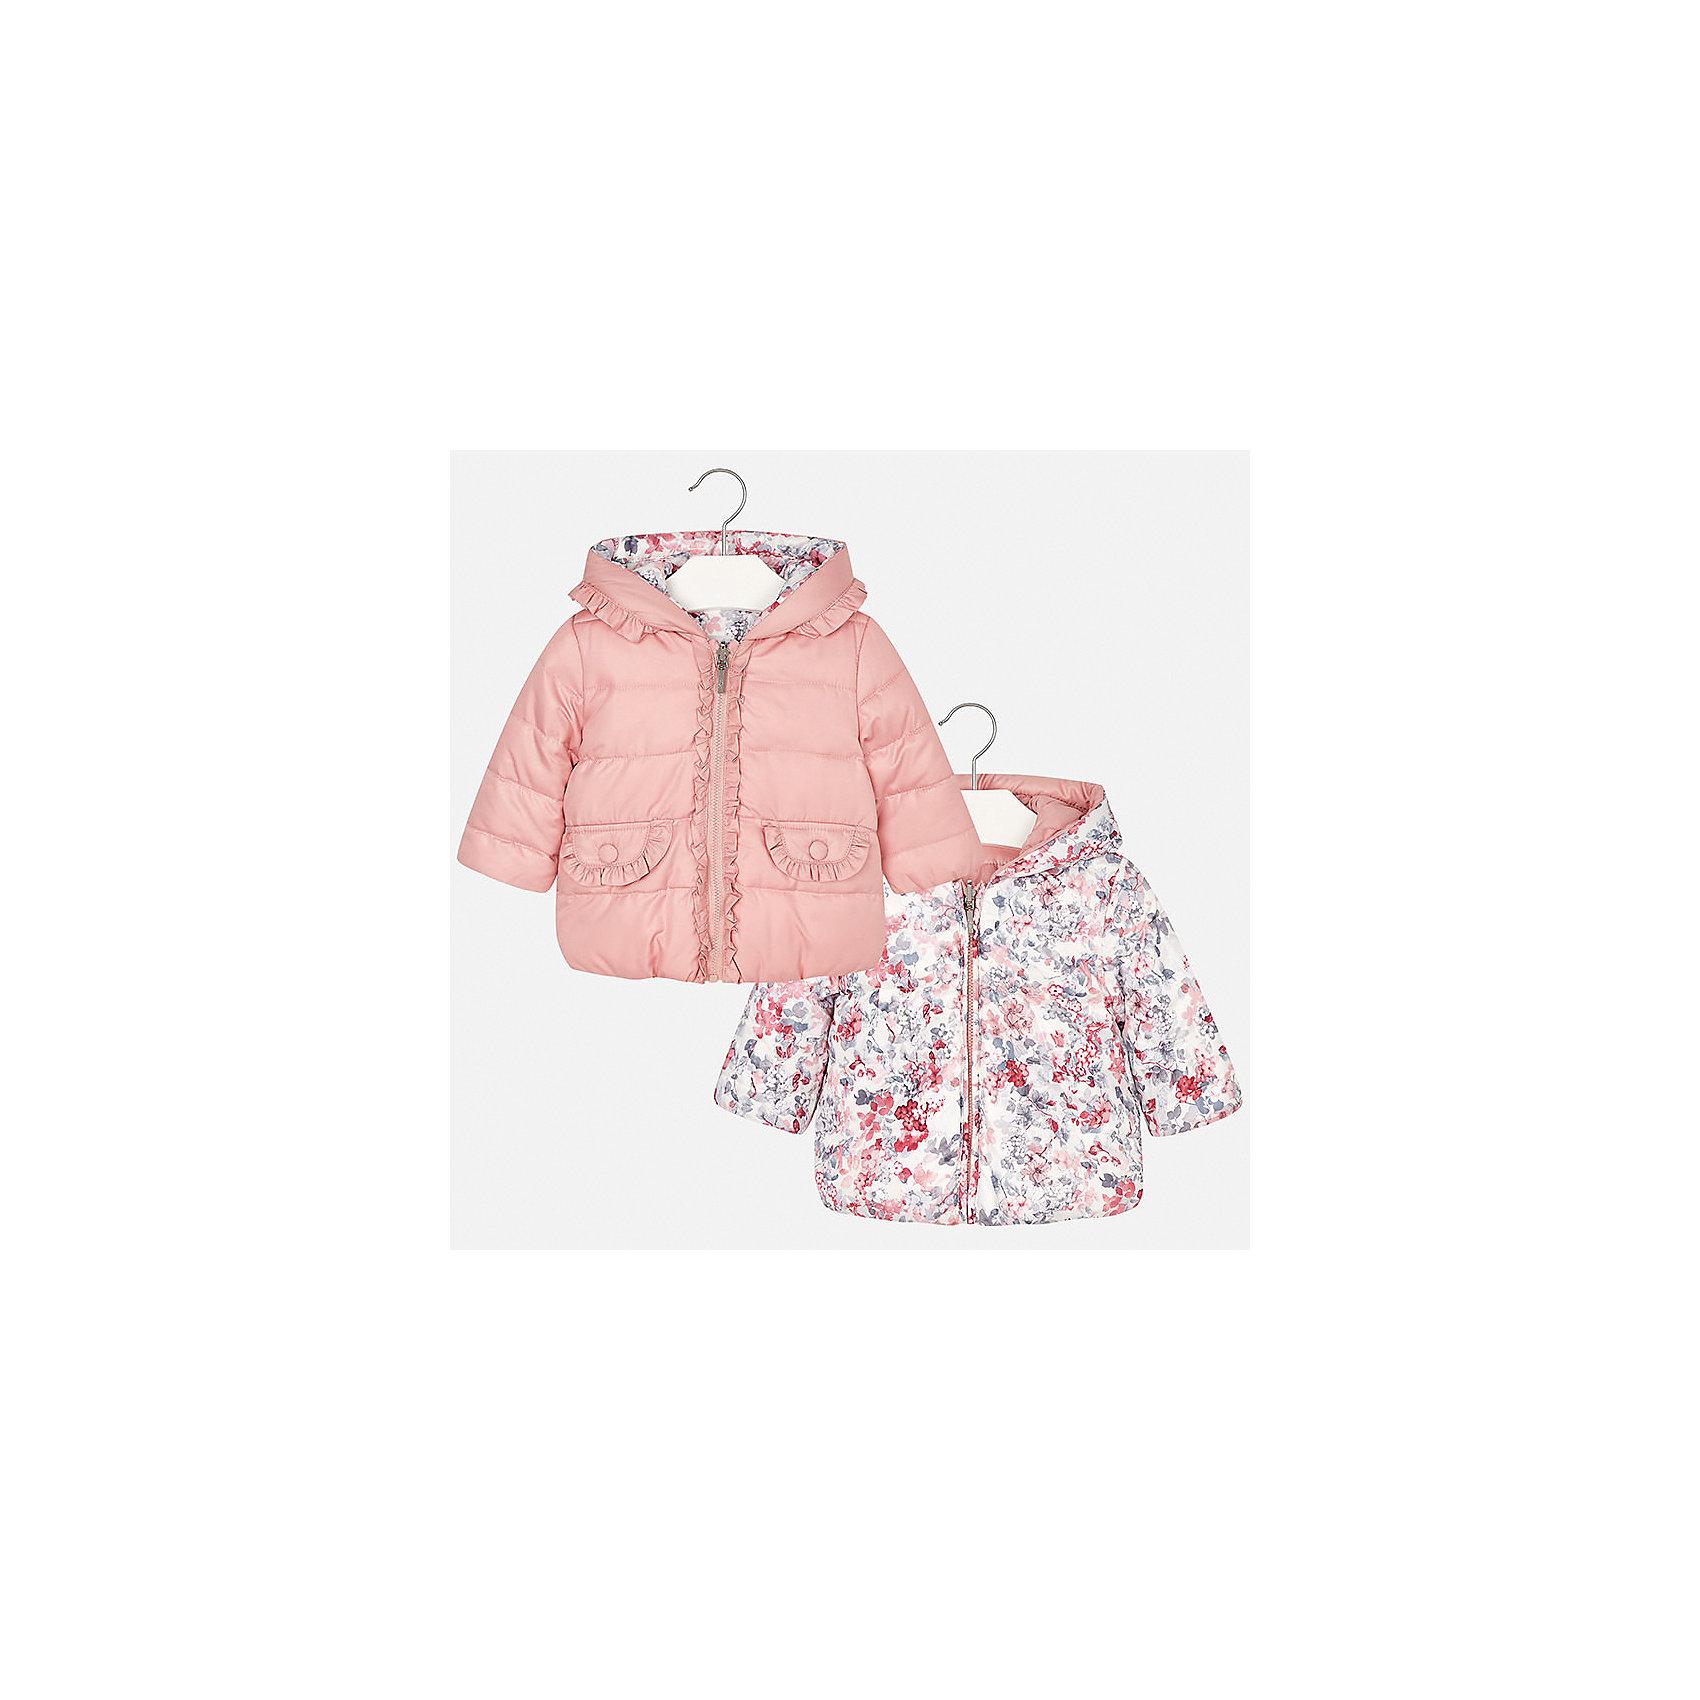 Куртка для девочки MayoralВерхняя одежда<br>Характеристики товара:<br><br>• цвет: розовый<br>• состав ткани: 100% полиэстер<br>• подкладка: 100% полиэстер<br>• утеплитель: 100% полиэстер<br>• сезон: демисезон<br>• температурный режим: от -10 до +10<br>• особенности куртки: двусторонняя, дутая<br>• капюшон: без меха, несъемный<br>• застежка: молния<br>• страна бренда: Испания<br>• страна изготовитель: Индия<br><br>Яркая детская двусторонняя куртка от Mayoral дополнена удобными карманами и капюшоном. Куртка для девочки сшита из приятного на ощупь материала. Детская одежда от испанской компании Mayoral, как и эта двусторонняя куртка для девочки, отличается оригинальным дизайном. <br><br>Куртку для девочки Mayoral (Майорал) можно купить в нашем интернет-магазине.<br><br>Ширина мм: 356<br>Глубина мм: 10<br>Высота мм: 245<br>Вес г: 519<br>Цвет: розовый<br>Возраст от месяцев: 12<br>Возраст до месяцев: 15<br>Пол: Женский<br>Возраст: Детский<br>Размер: 80,98,86,92<br>SKU: 6920321